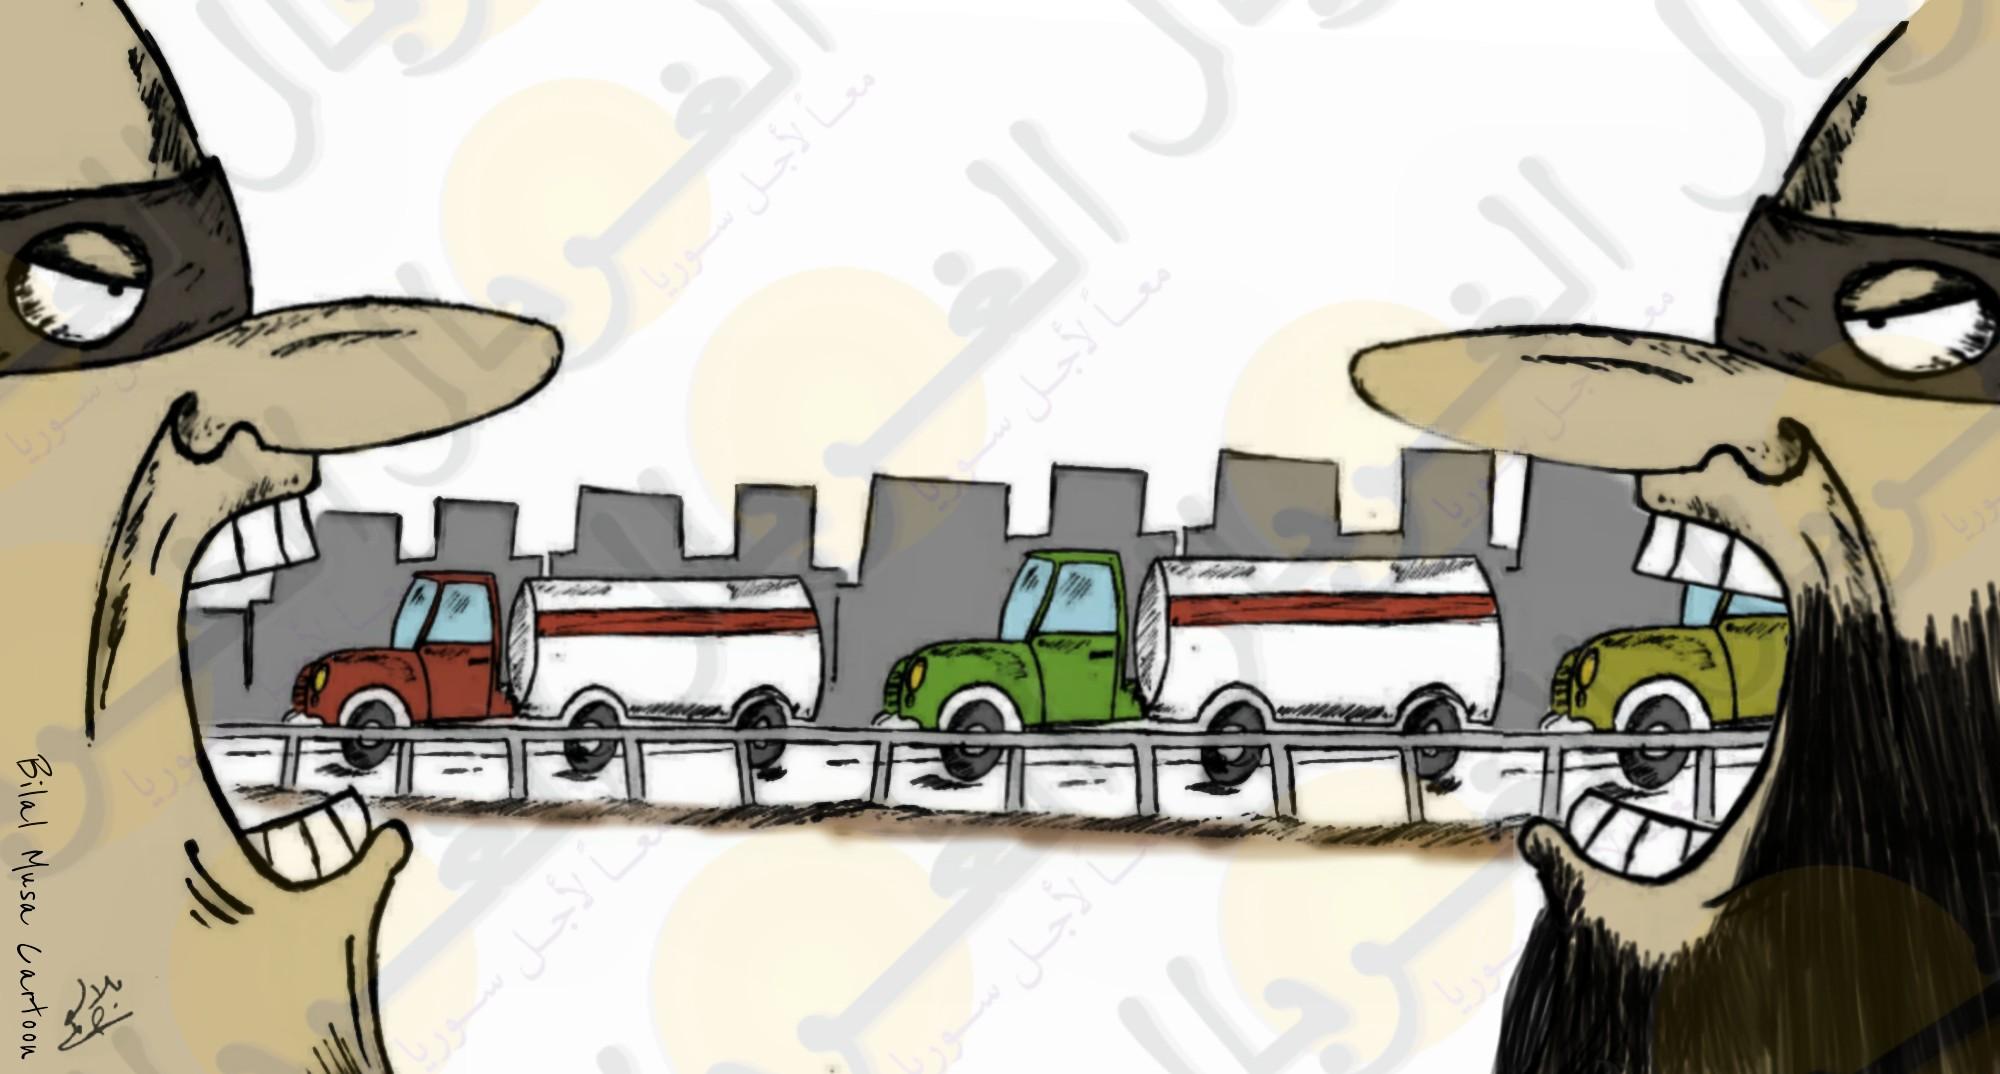 أزمة المحروقات في الشمال السوري